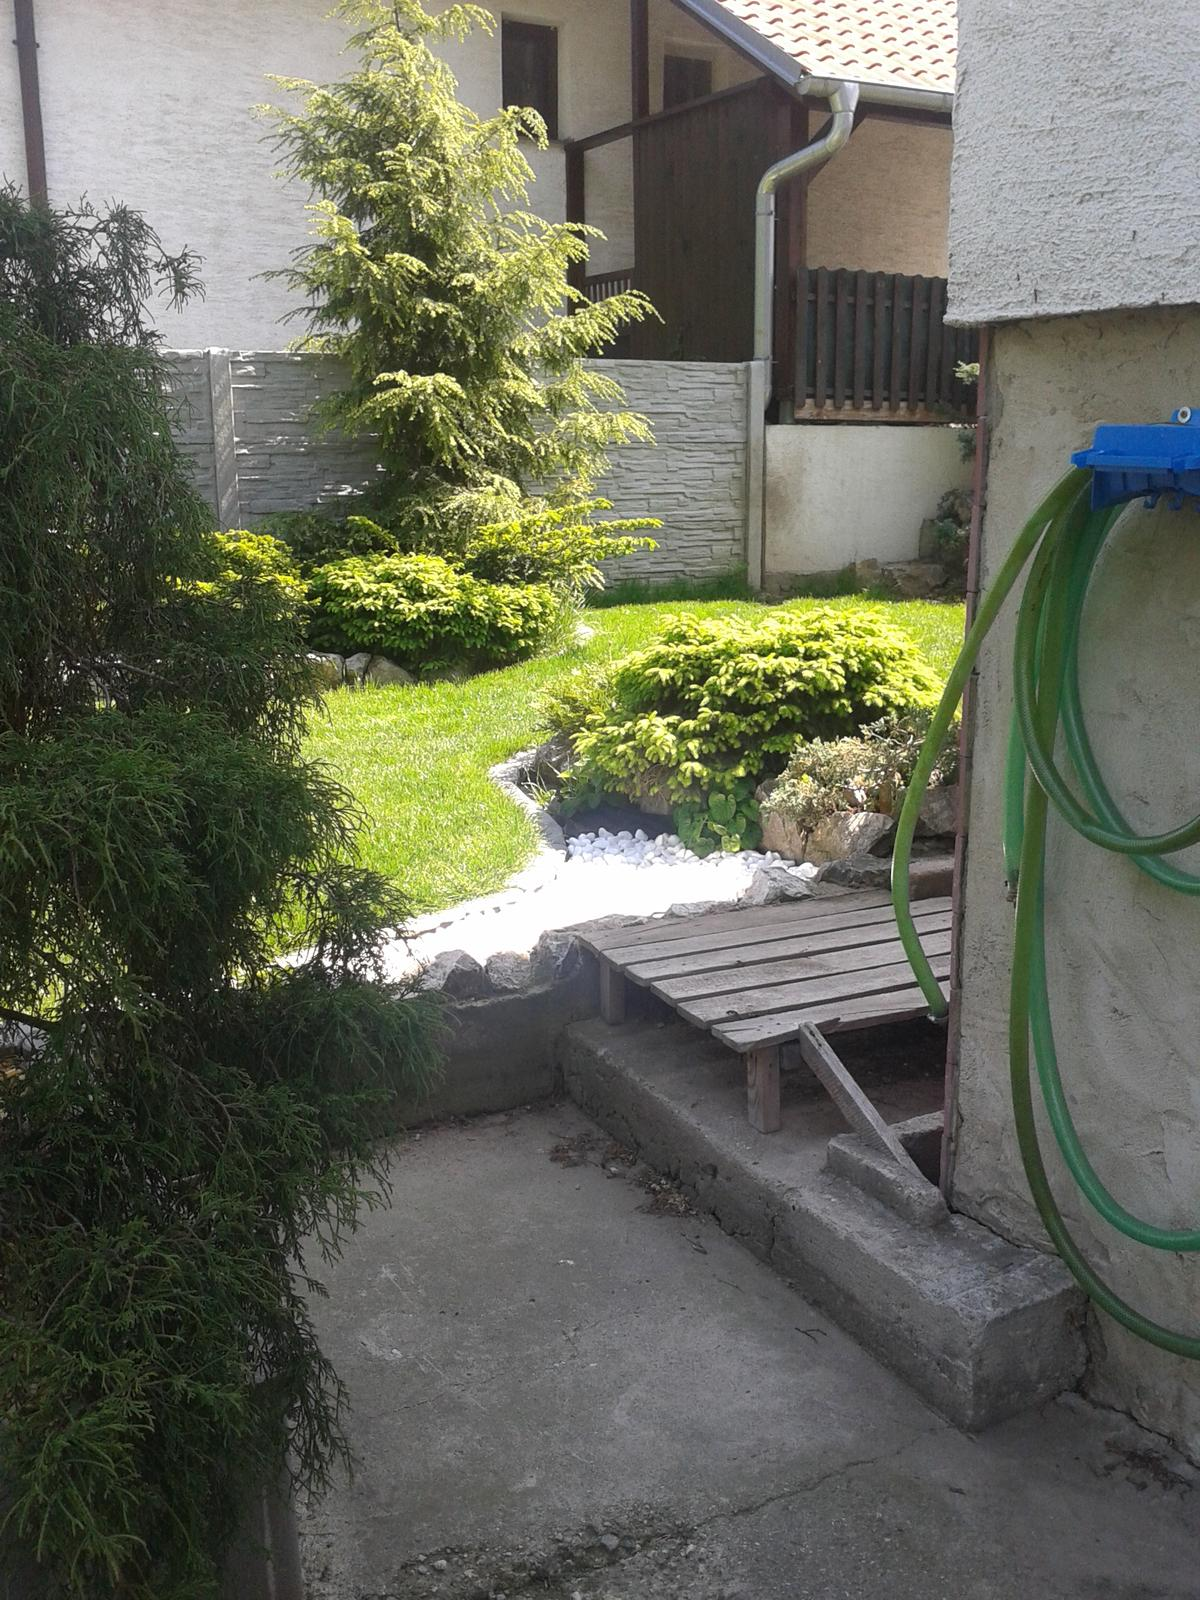 U babky na záhrade - Obrázok č. 7